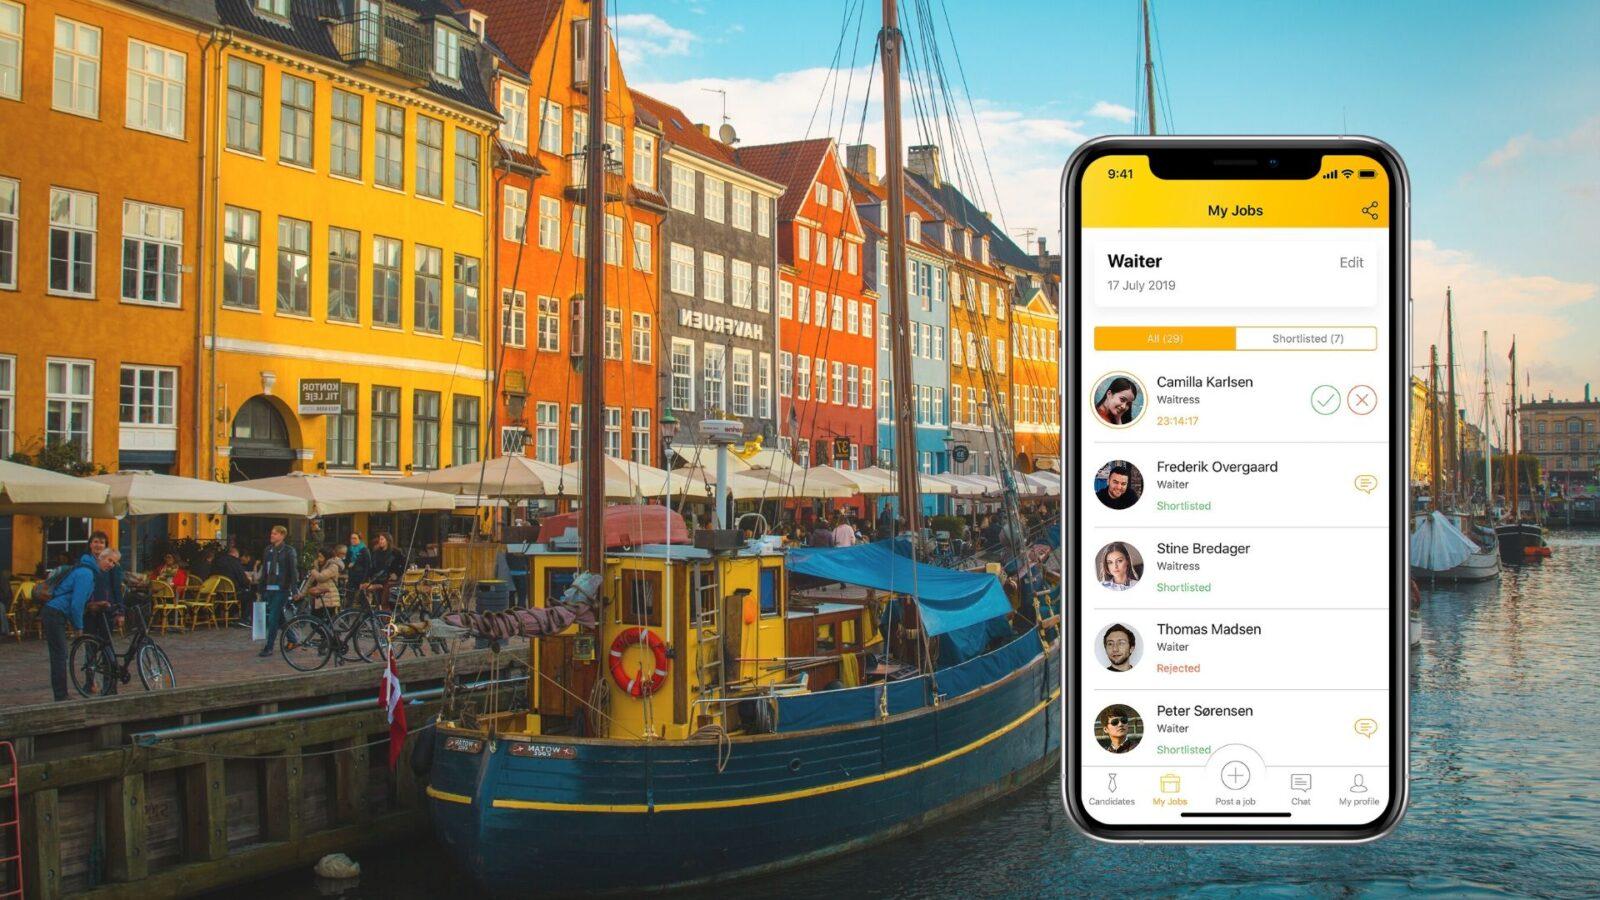 """""""Wauw! Det er virkelig hurtigt"""". Hvordan en ny app ændrer rekrutteringsprocessen i Danmark"""